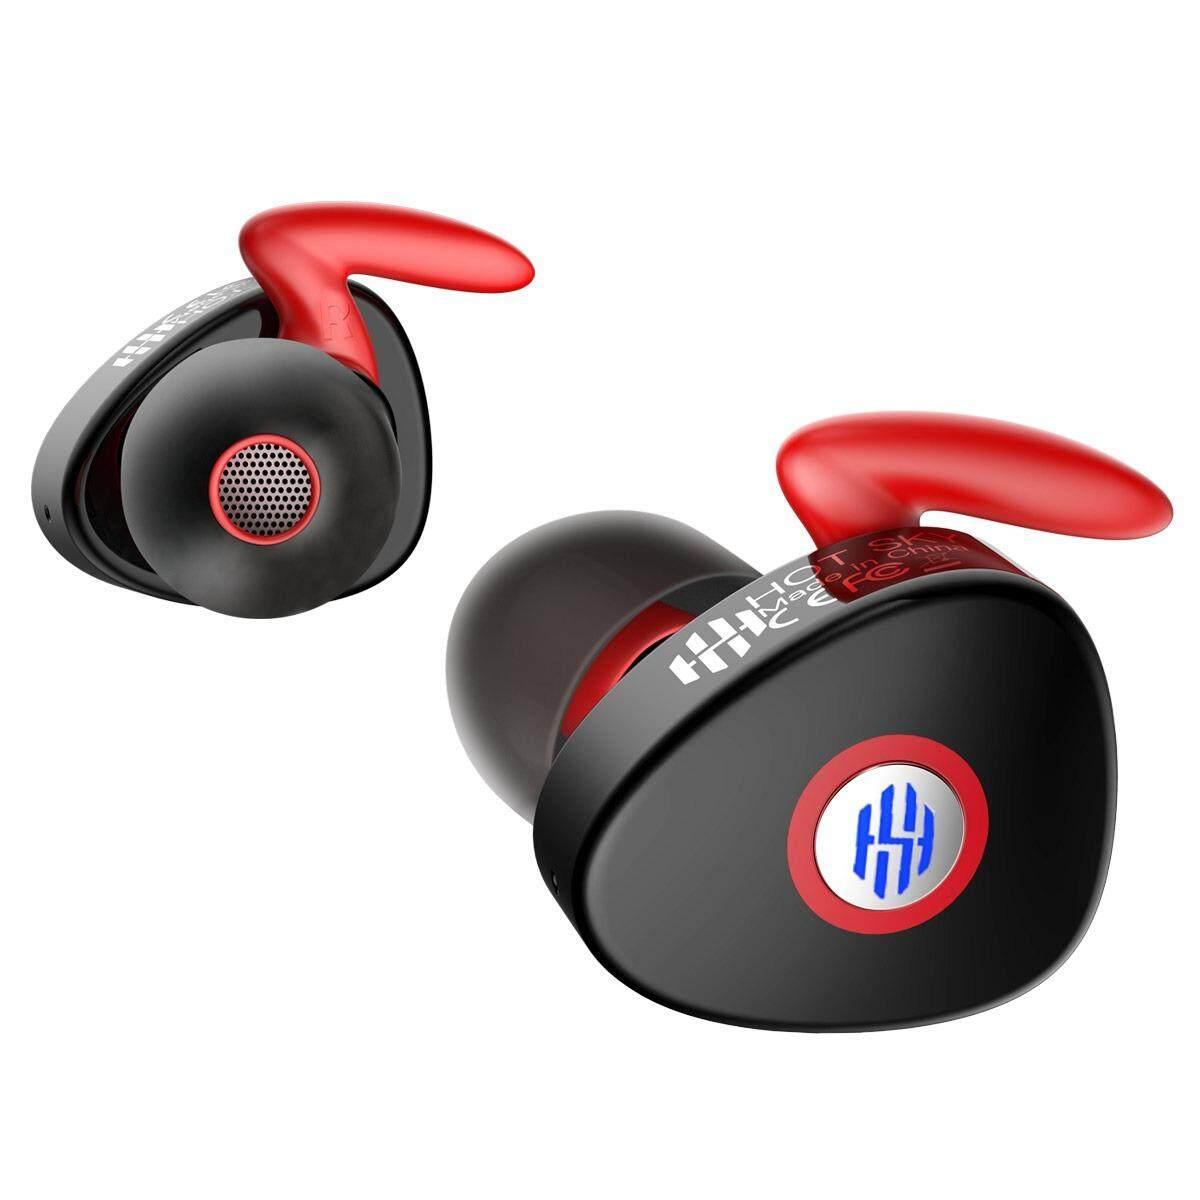 อยากถามคนที่ใช้ หูฟัง Energy Super Bass หูฟังสเตอริโอ เบสหนัก Small Talk Full Stereo Surround Sound ใช้ได้กับโทรศัพท์ทุกรุ่น Smalltalk earphones (jack 3.5mm) มีรับประกัน